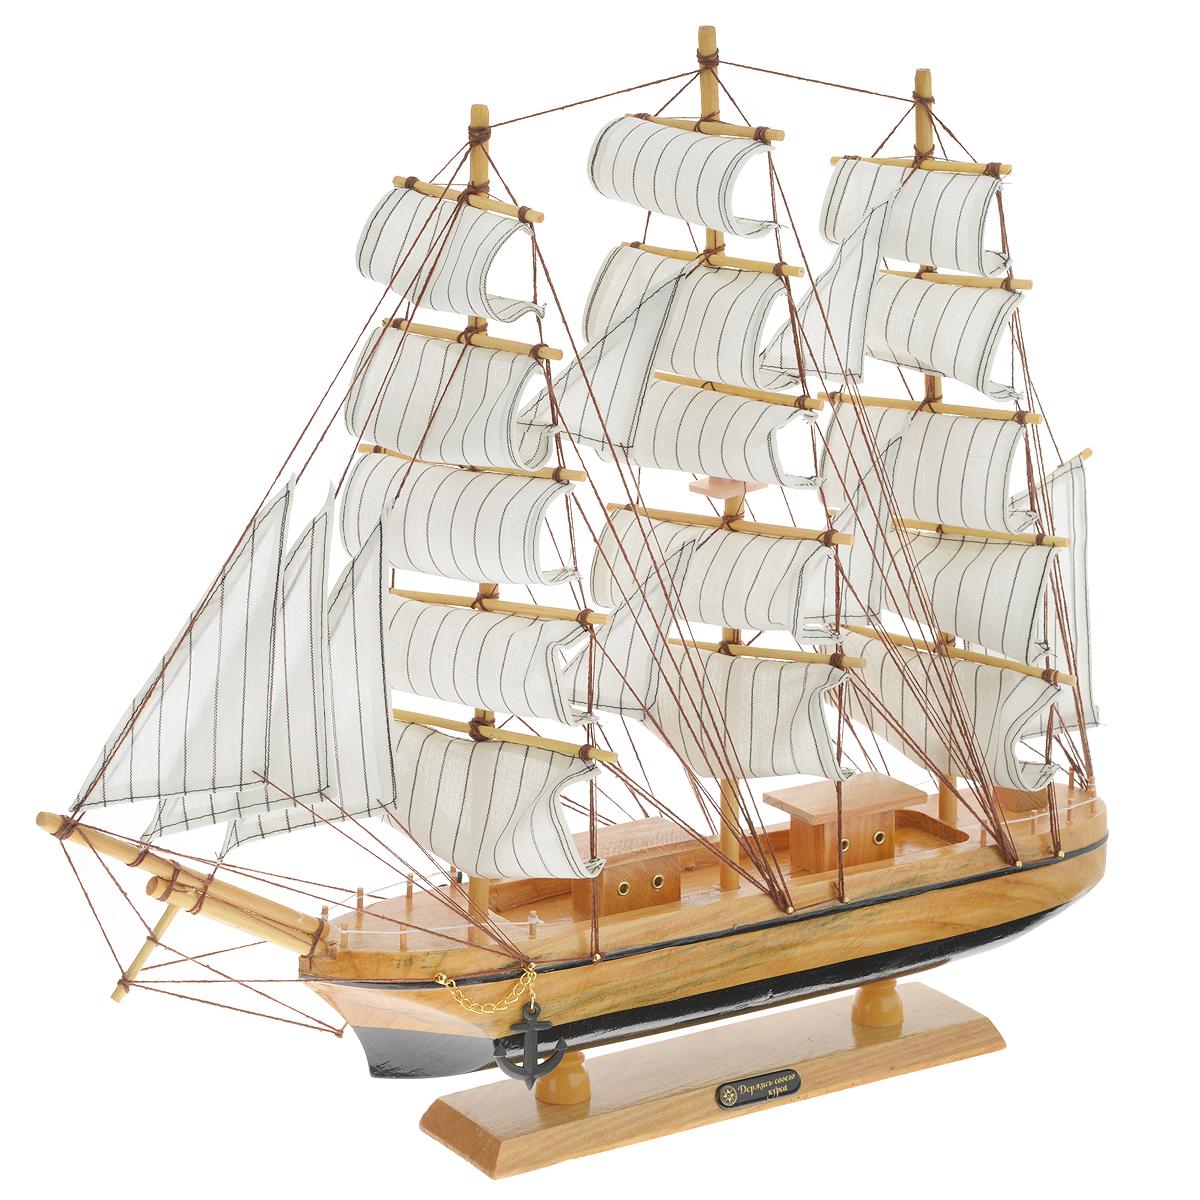 Корабль сувенирный Держись своего курса, длина 50 см452049Сувенирный корабль Держись своего курса, изготовленный из дерева и текстиля, это великолепный элемент декора рабочей зоны в офисе или кабинете. Корабль с парусами и якорями помещен на деревянную подставку. Время идет, и мы становимся свидетелями развития технического прогресса, новых учений и практик. Но одно не подвластно времени - это любовь человека к морю и кораблям. Сувенирный корабль наполнен историей и силой океанских вод. Данная модель кораблика станет отличным подарком для всех любителей морей, поклонников историй о покорении океанов и неизведанных земель. Модель корабля - подарок со смыслом. Издавна на Руси считалось, что корабли приносят удачу и везение. Поэтому их изображения, фигурки и точные копии всегда присутствовали в помещениях. Удивите себя и своих близких необычным презентом.